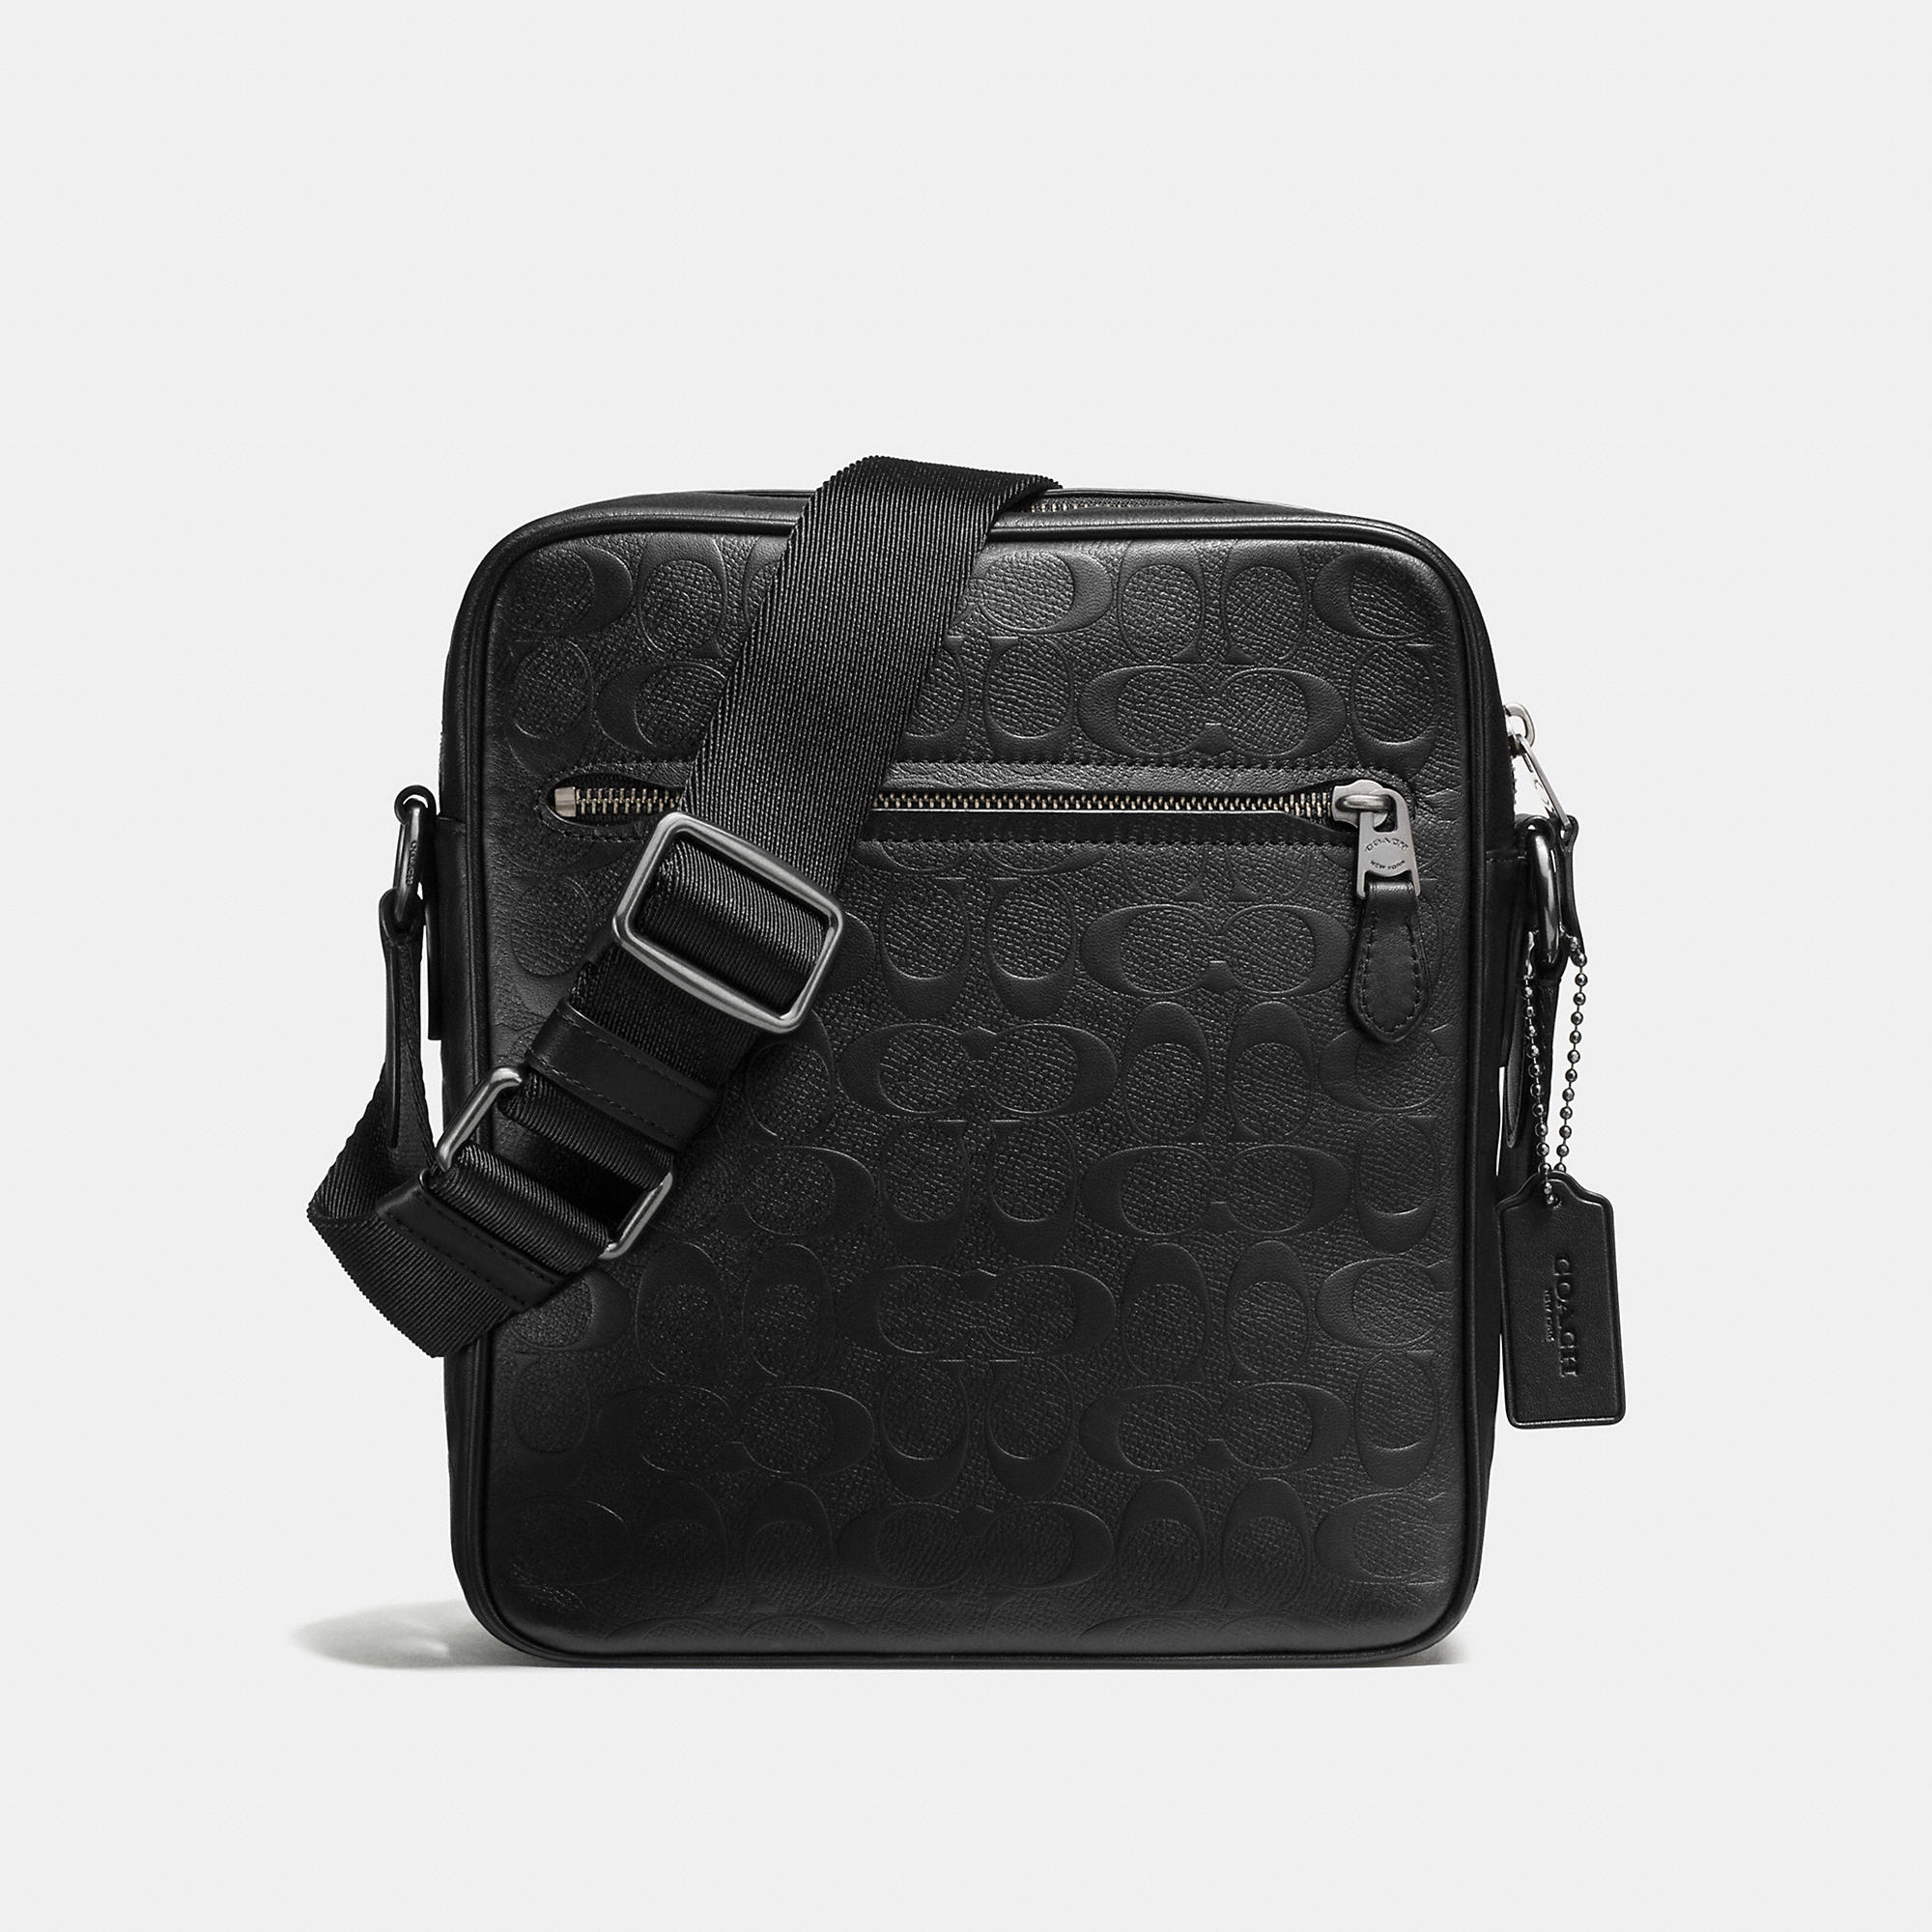 Coach Flight Bag In Signature Crossgrain Leather